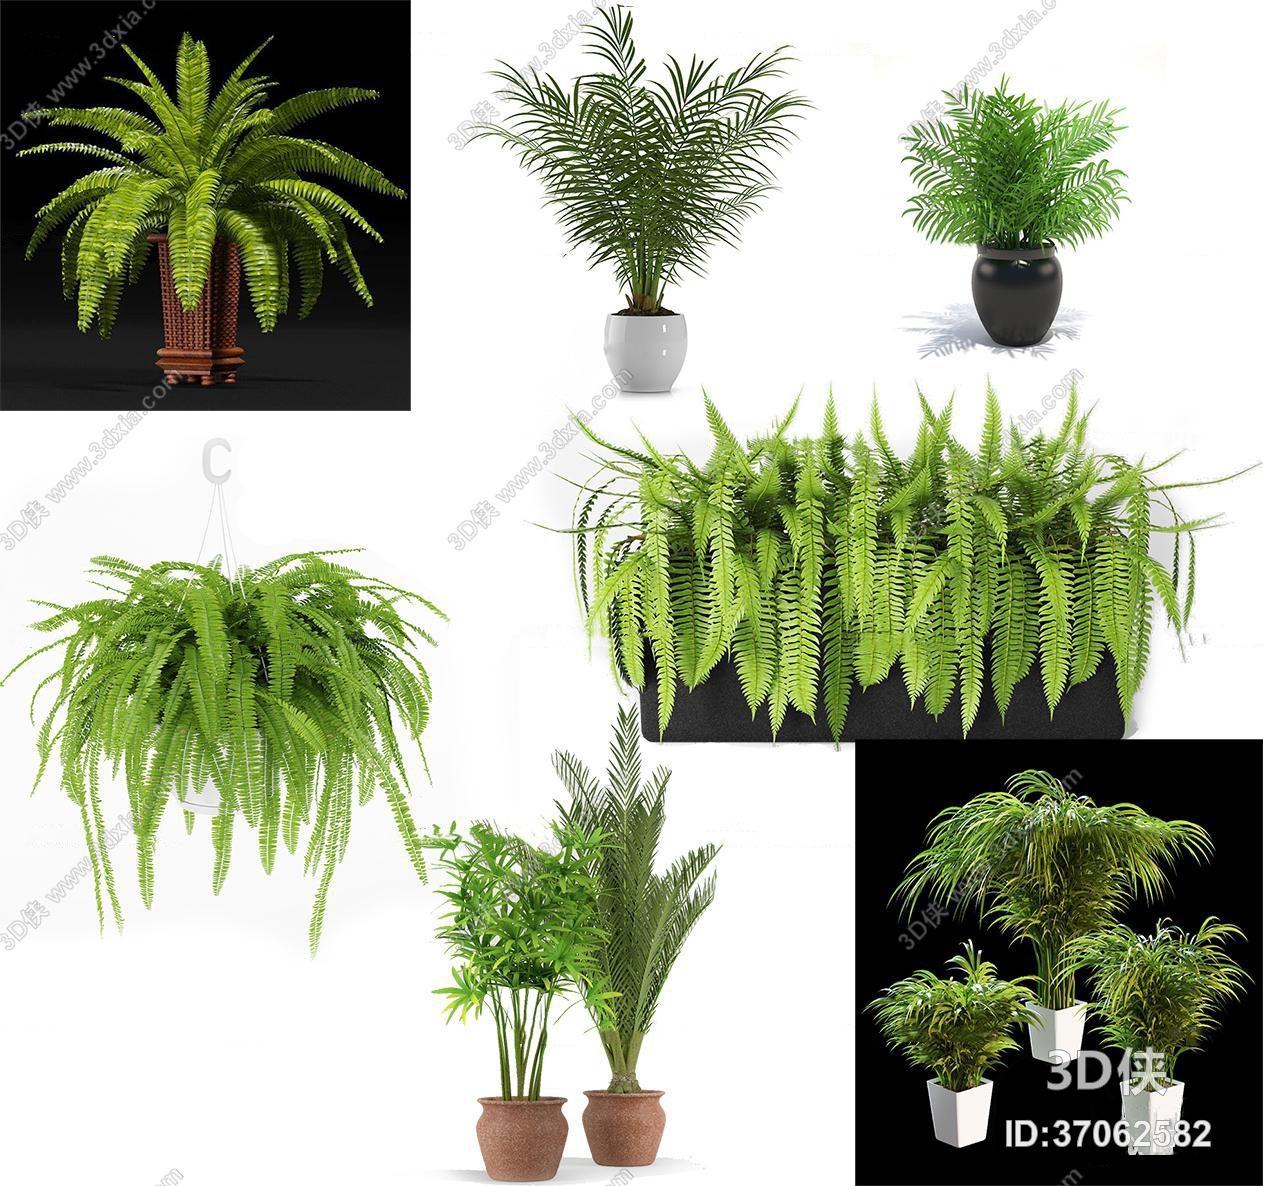 盆栽效果图素材免费下载,本作品主题是现代蕨类绿植盆栽组合3d模型